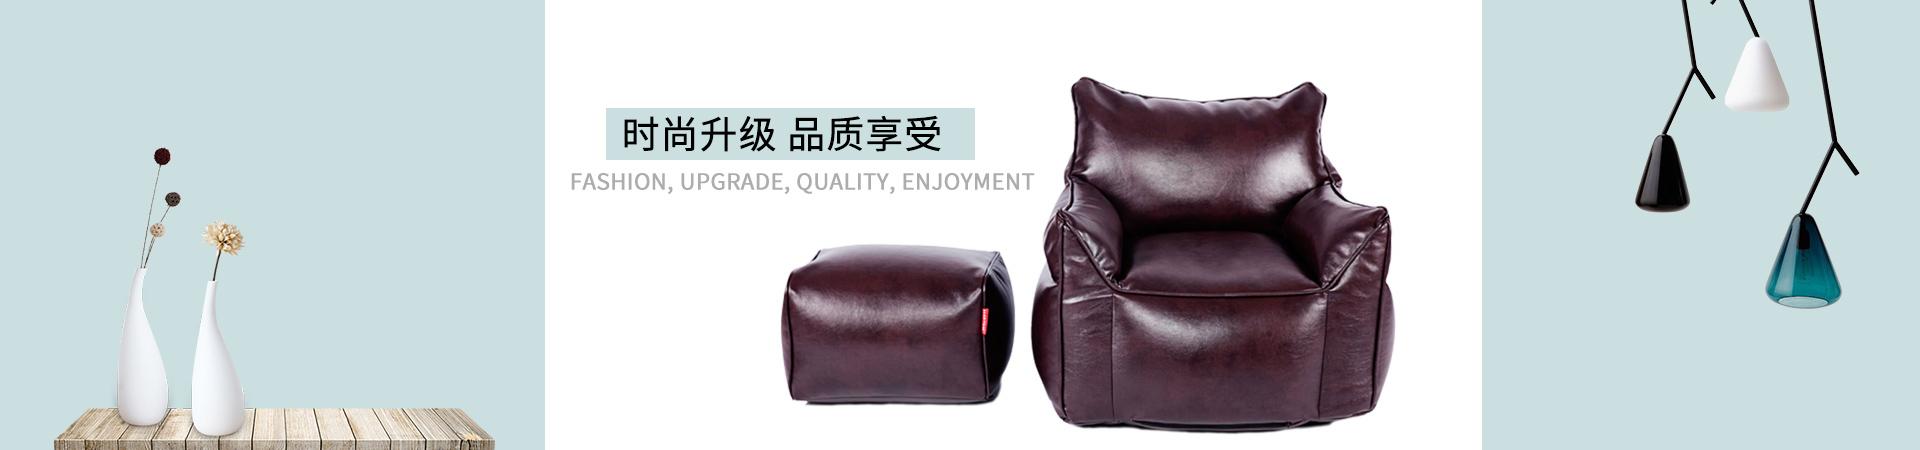 LUCKYSAC创意懒人沙发时尚升级品质生活